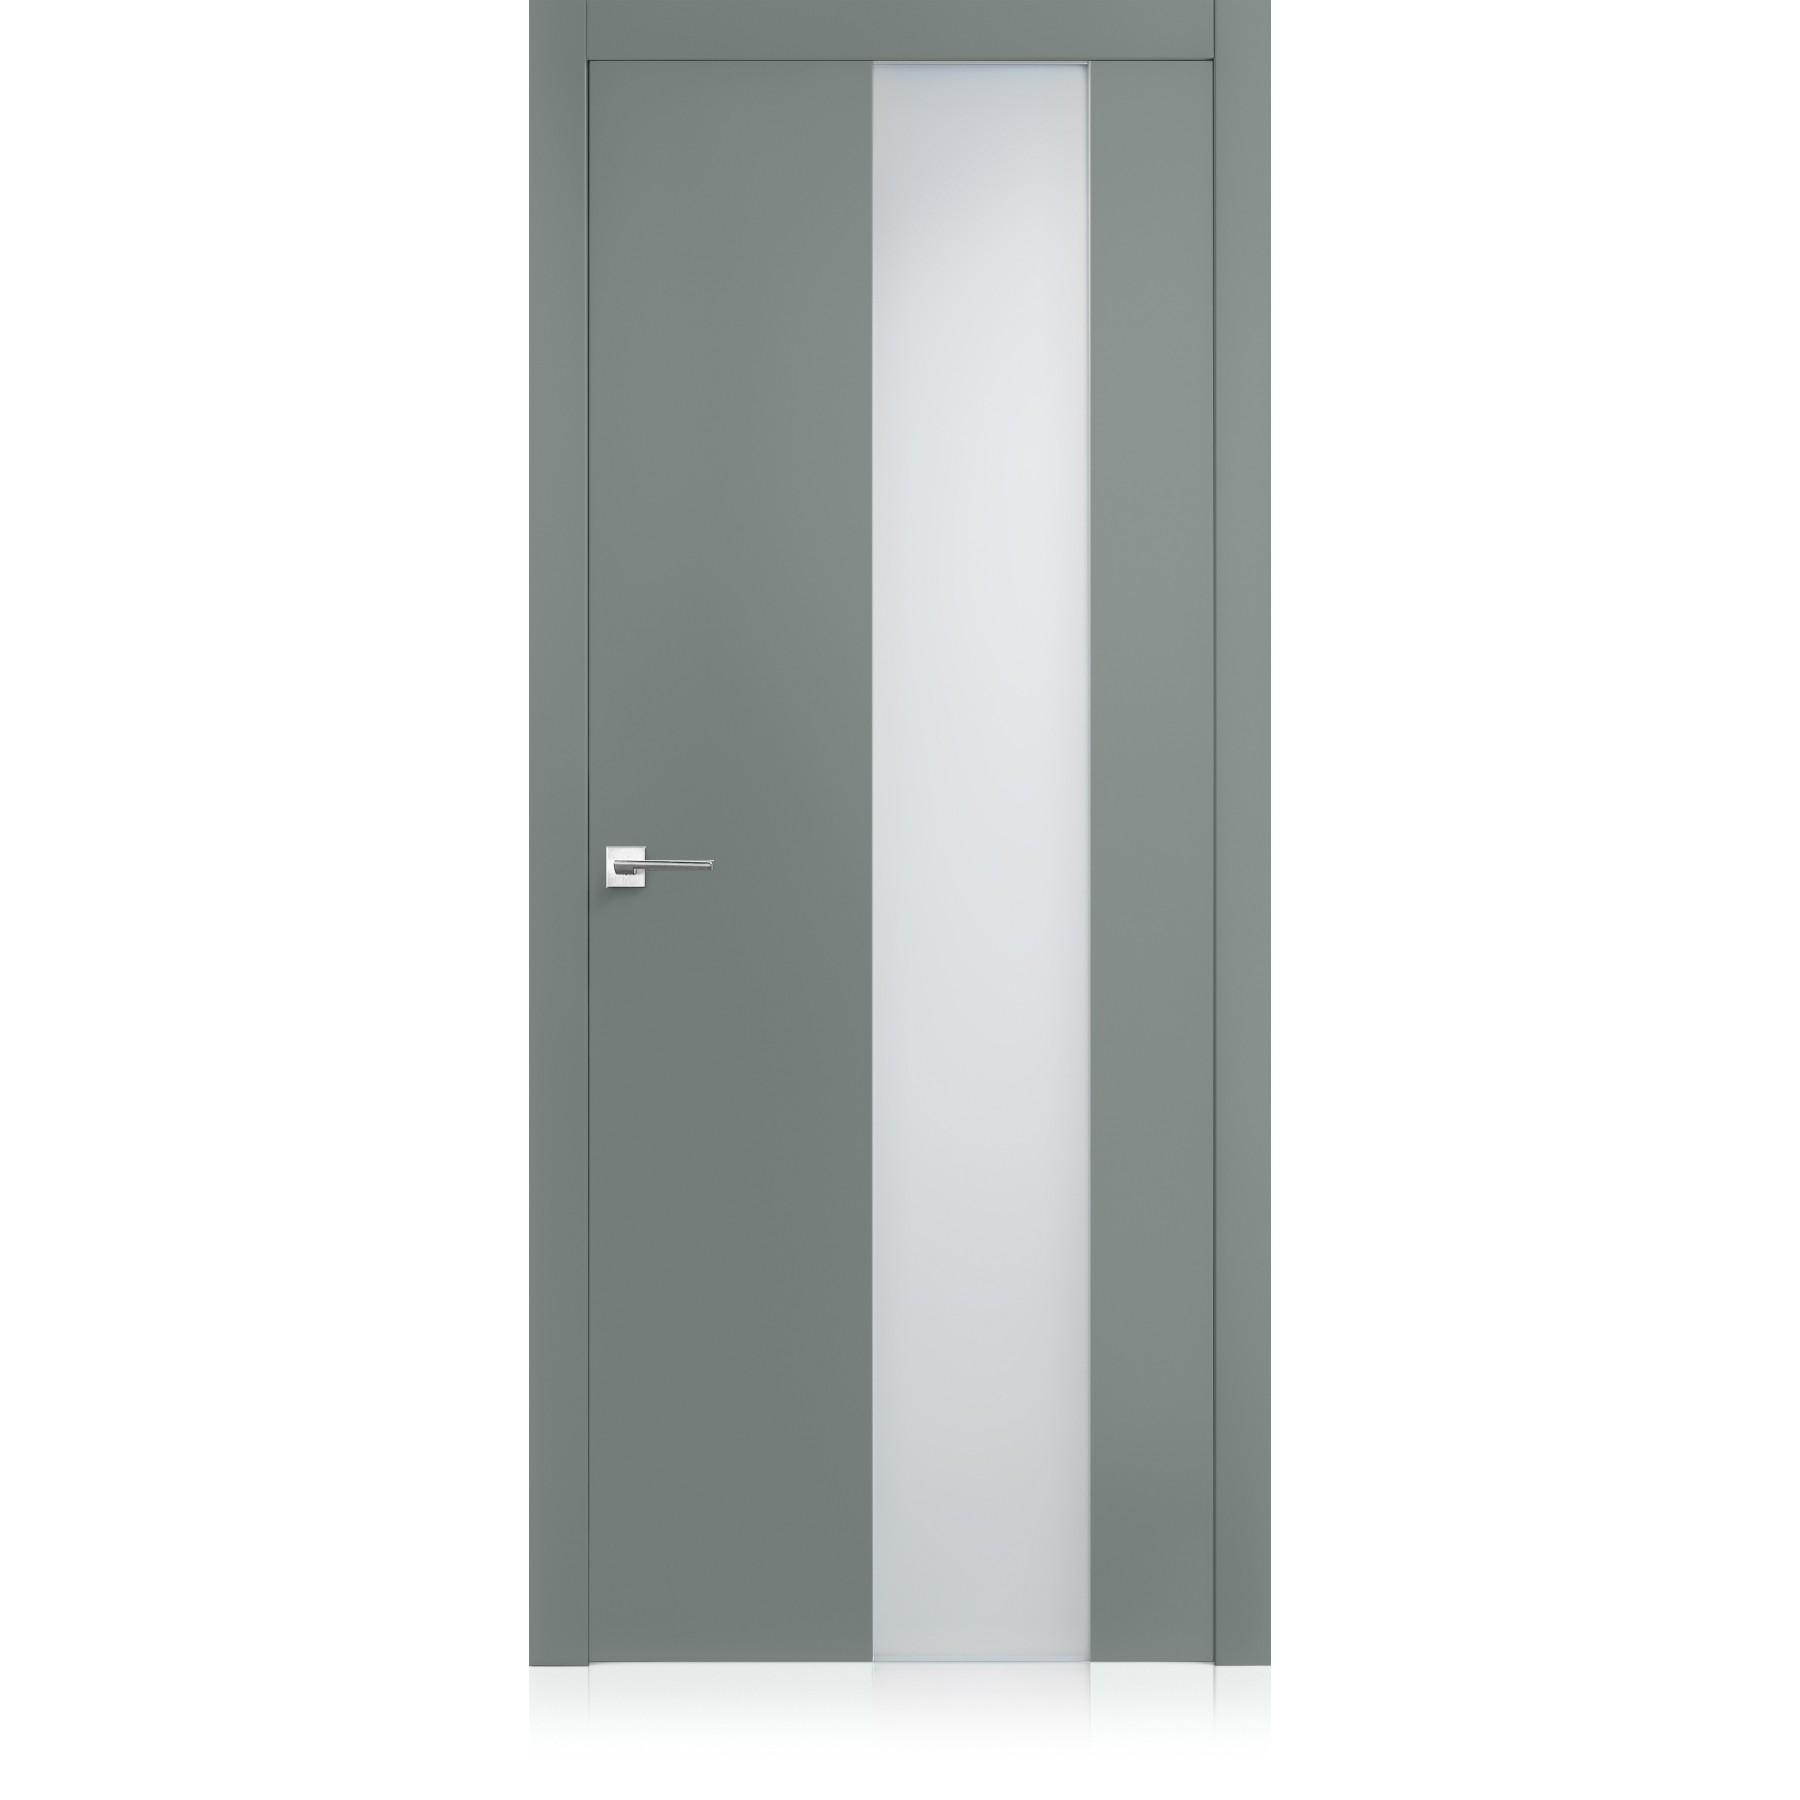 Porte Equa vetro Metallo Light Laccato ULTRAopaco